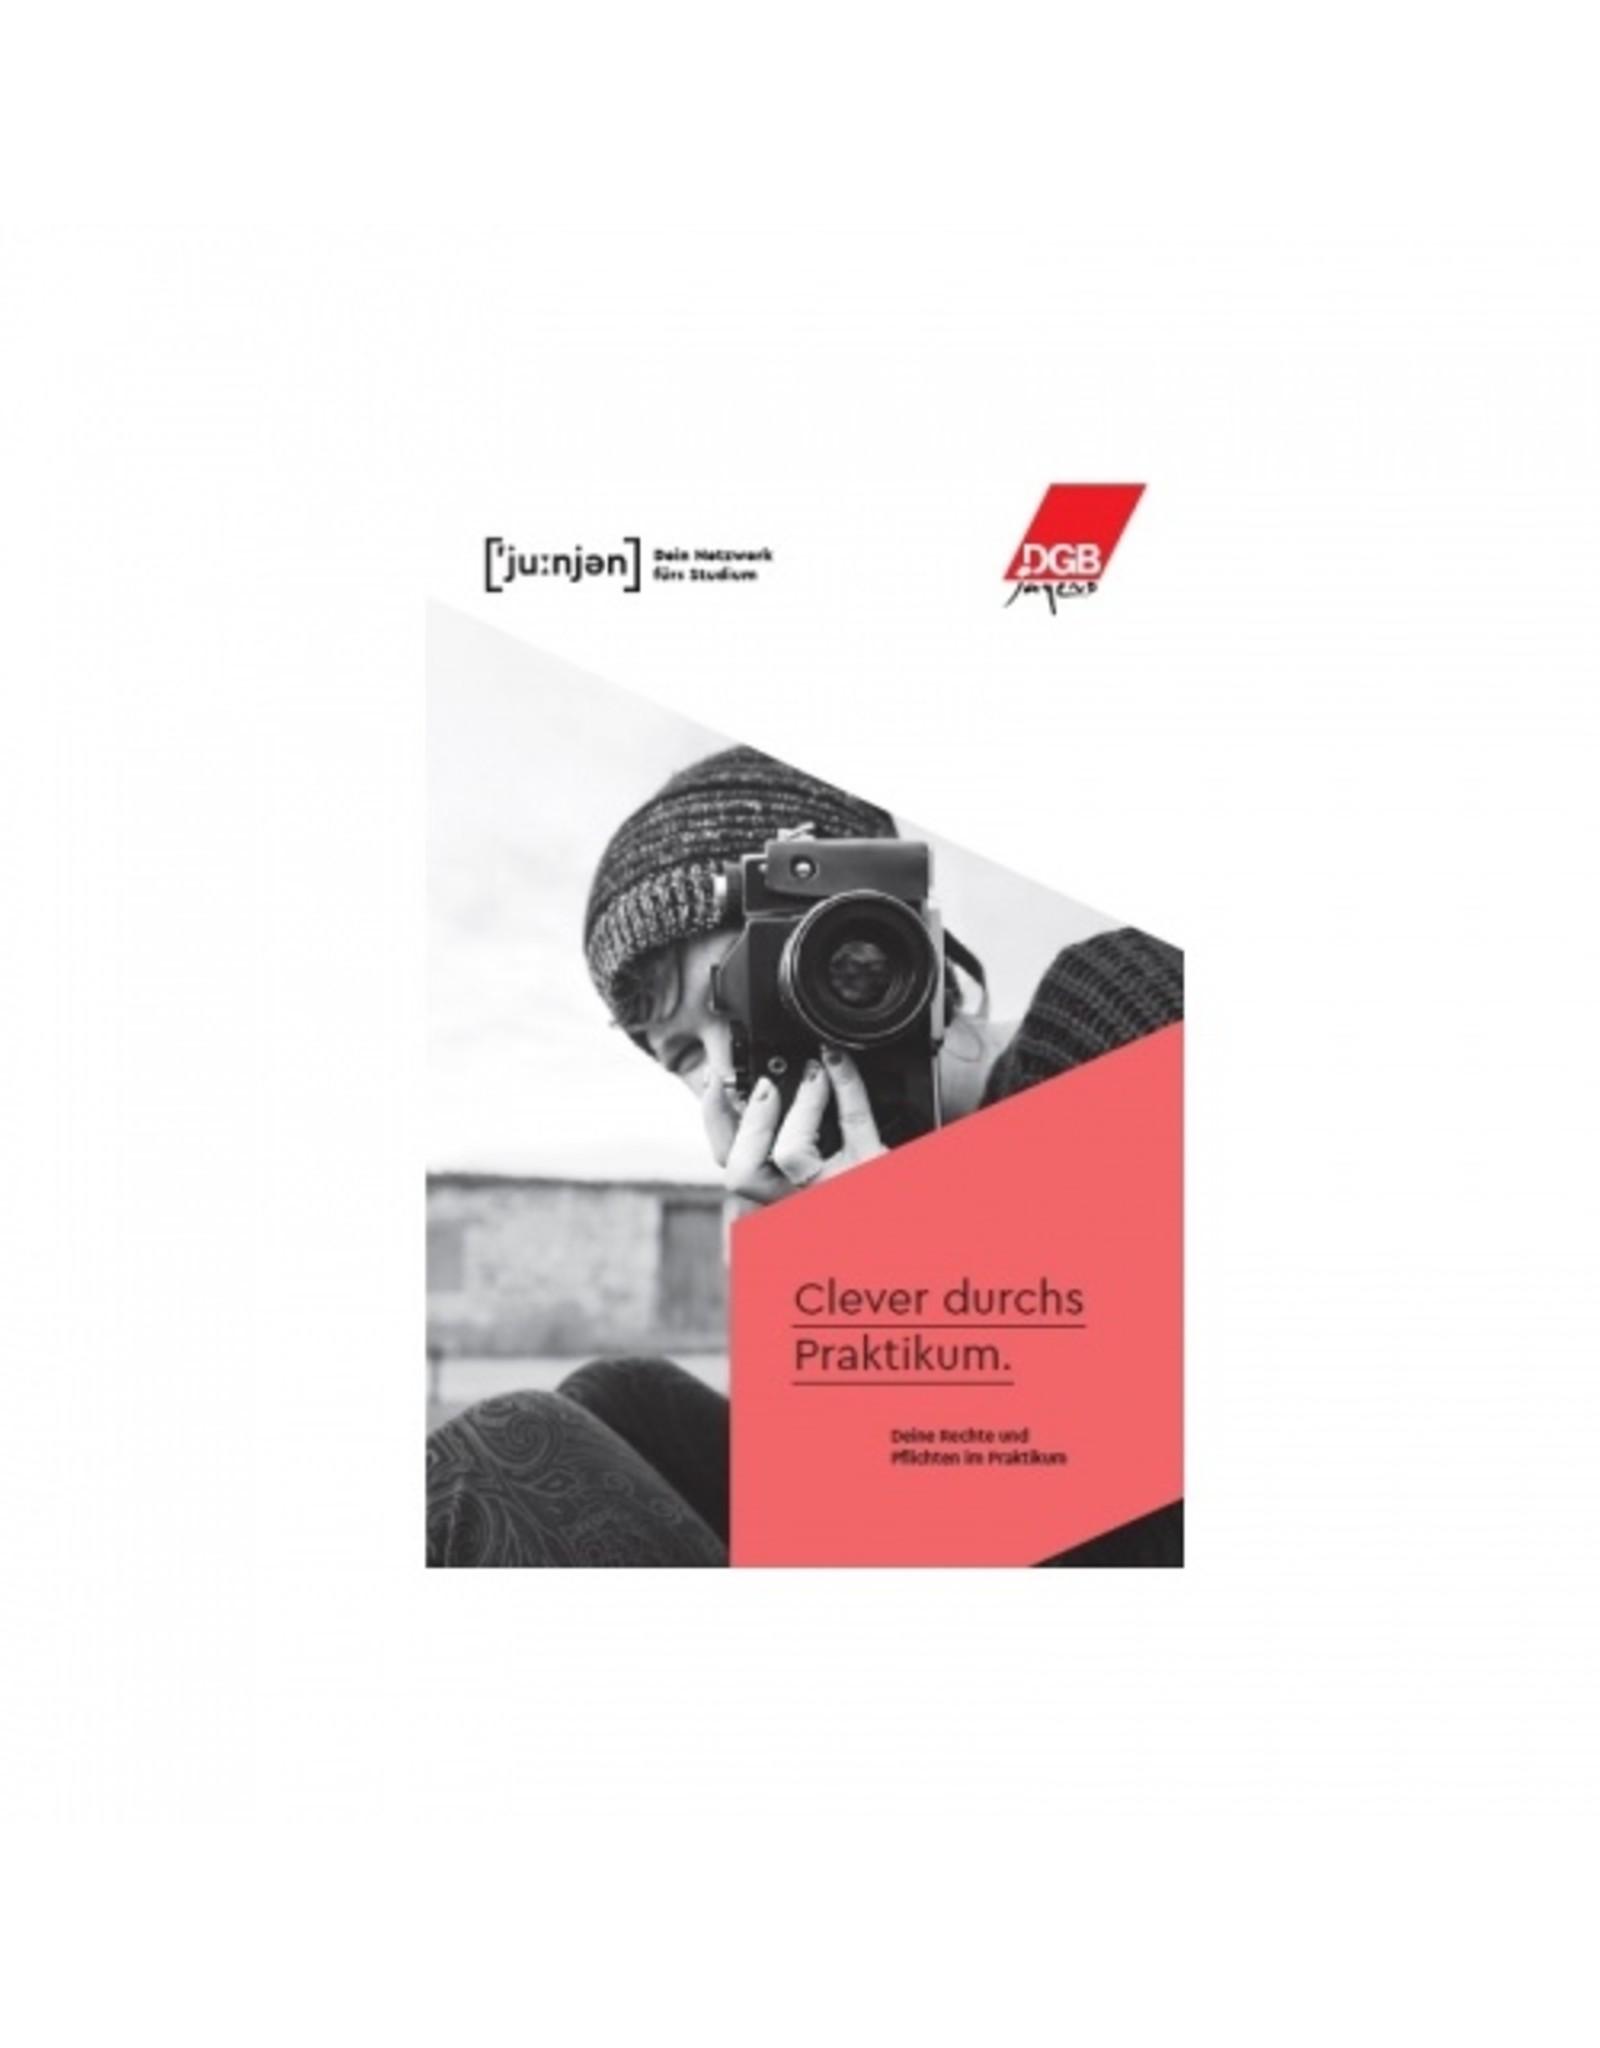 Broschüre - Rechte und Pflichten im Praktikum - Studierende